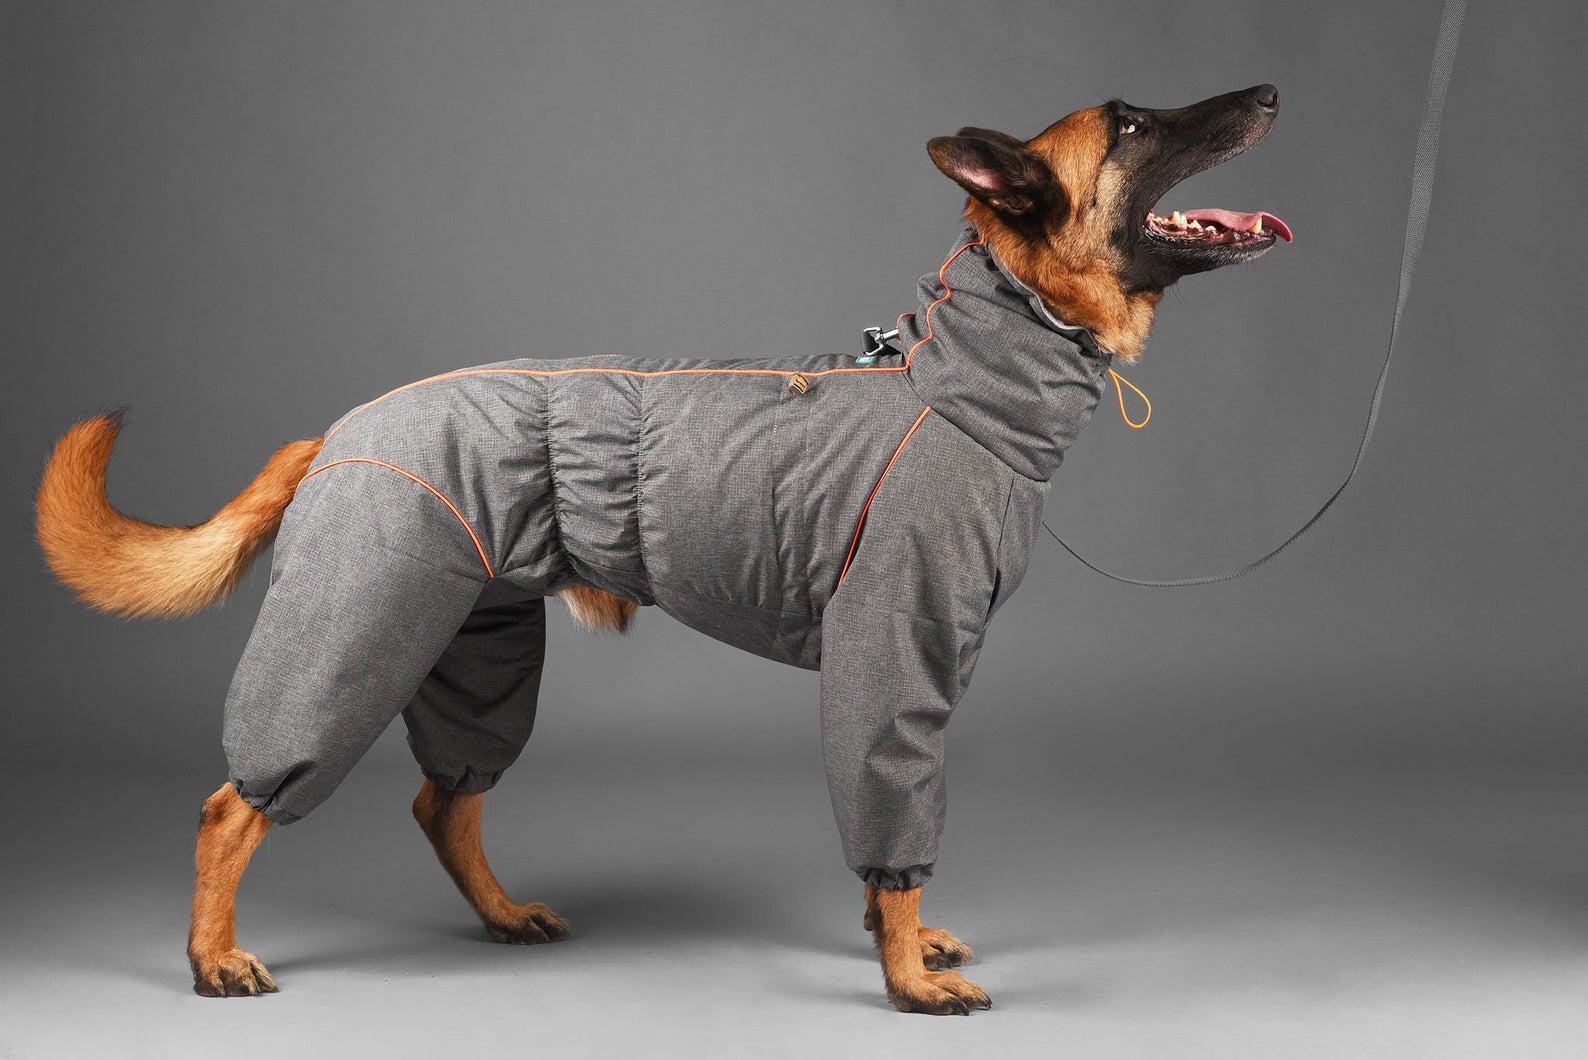 BarkAndGo Large Breed Reflective Waterproof Dog Raincoat Bodysuit via Etsy.